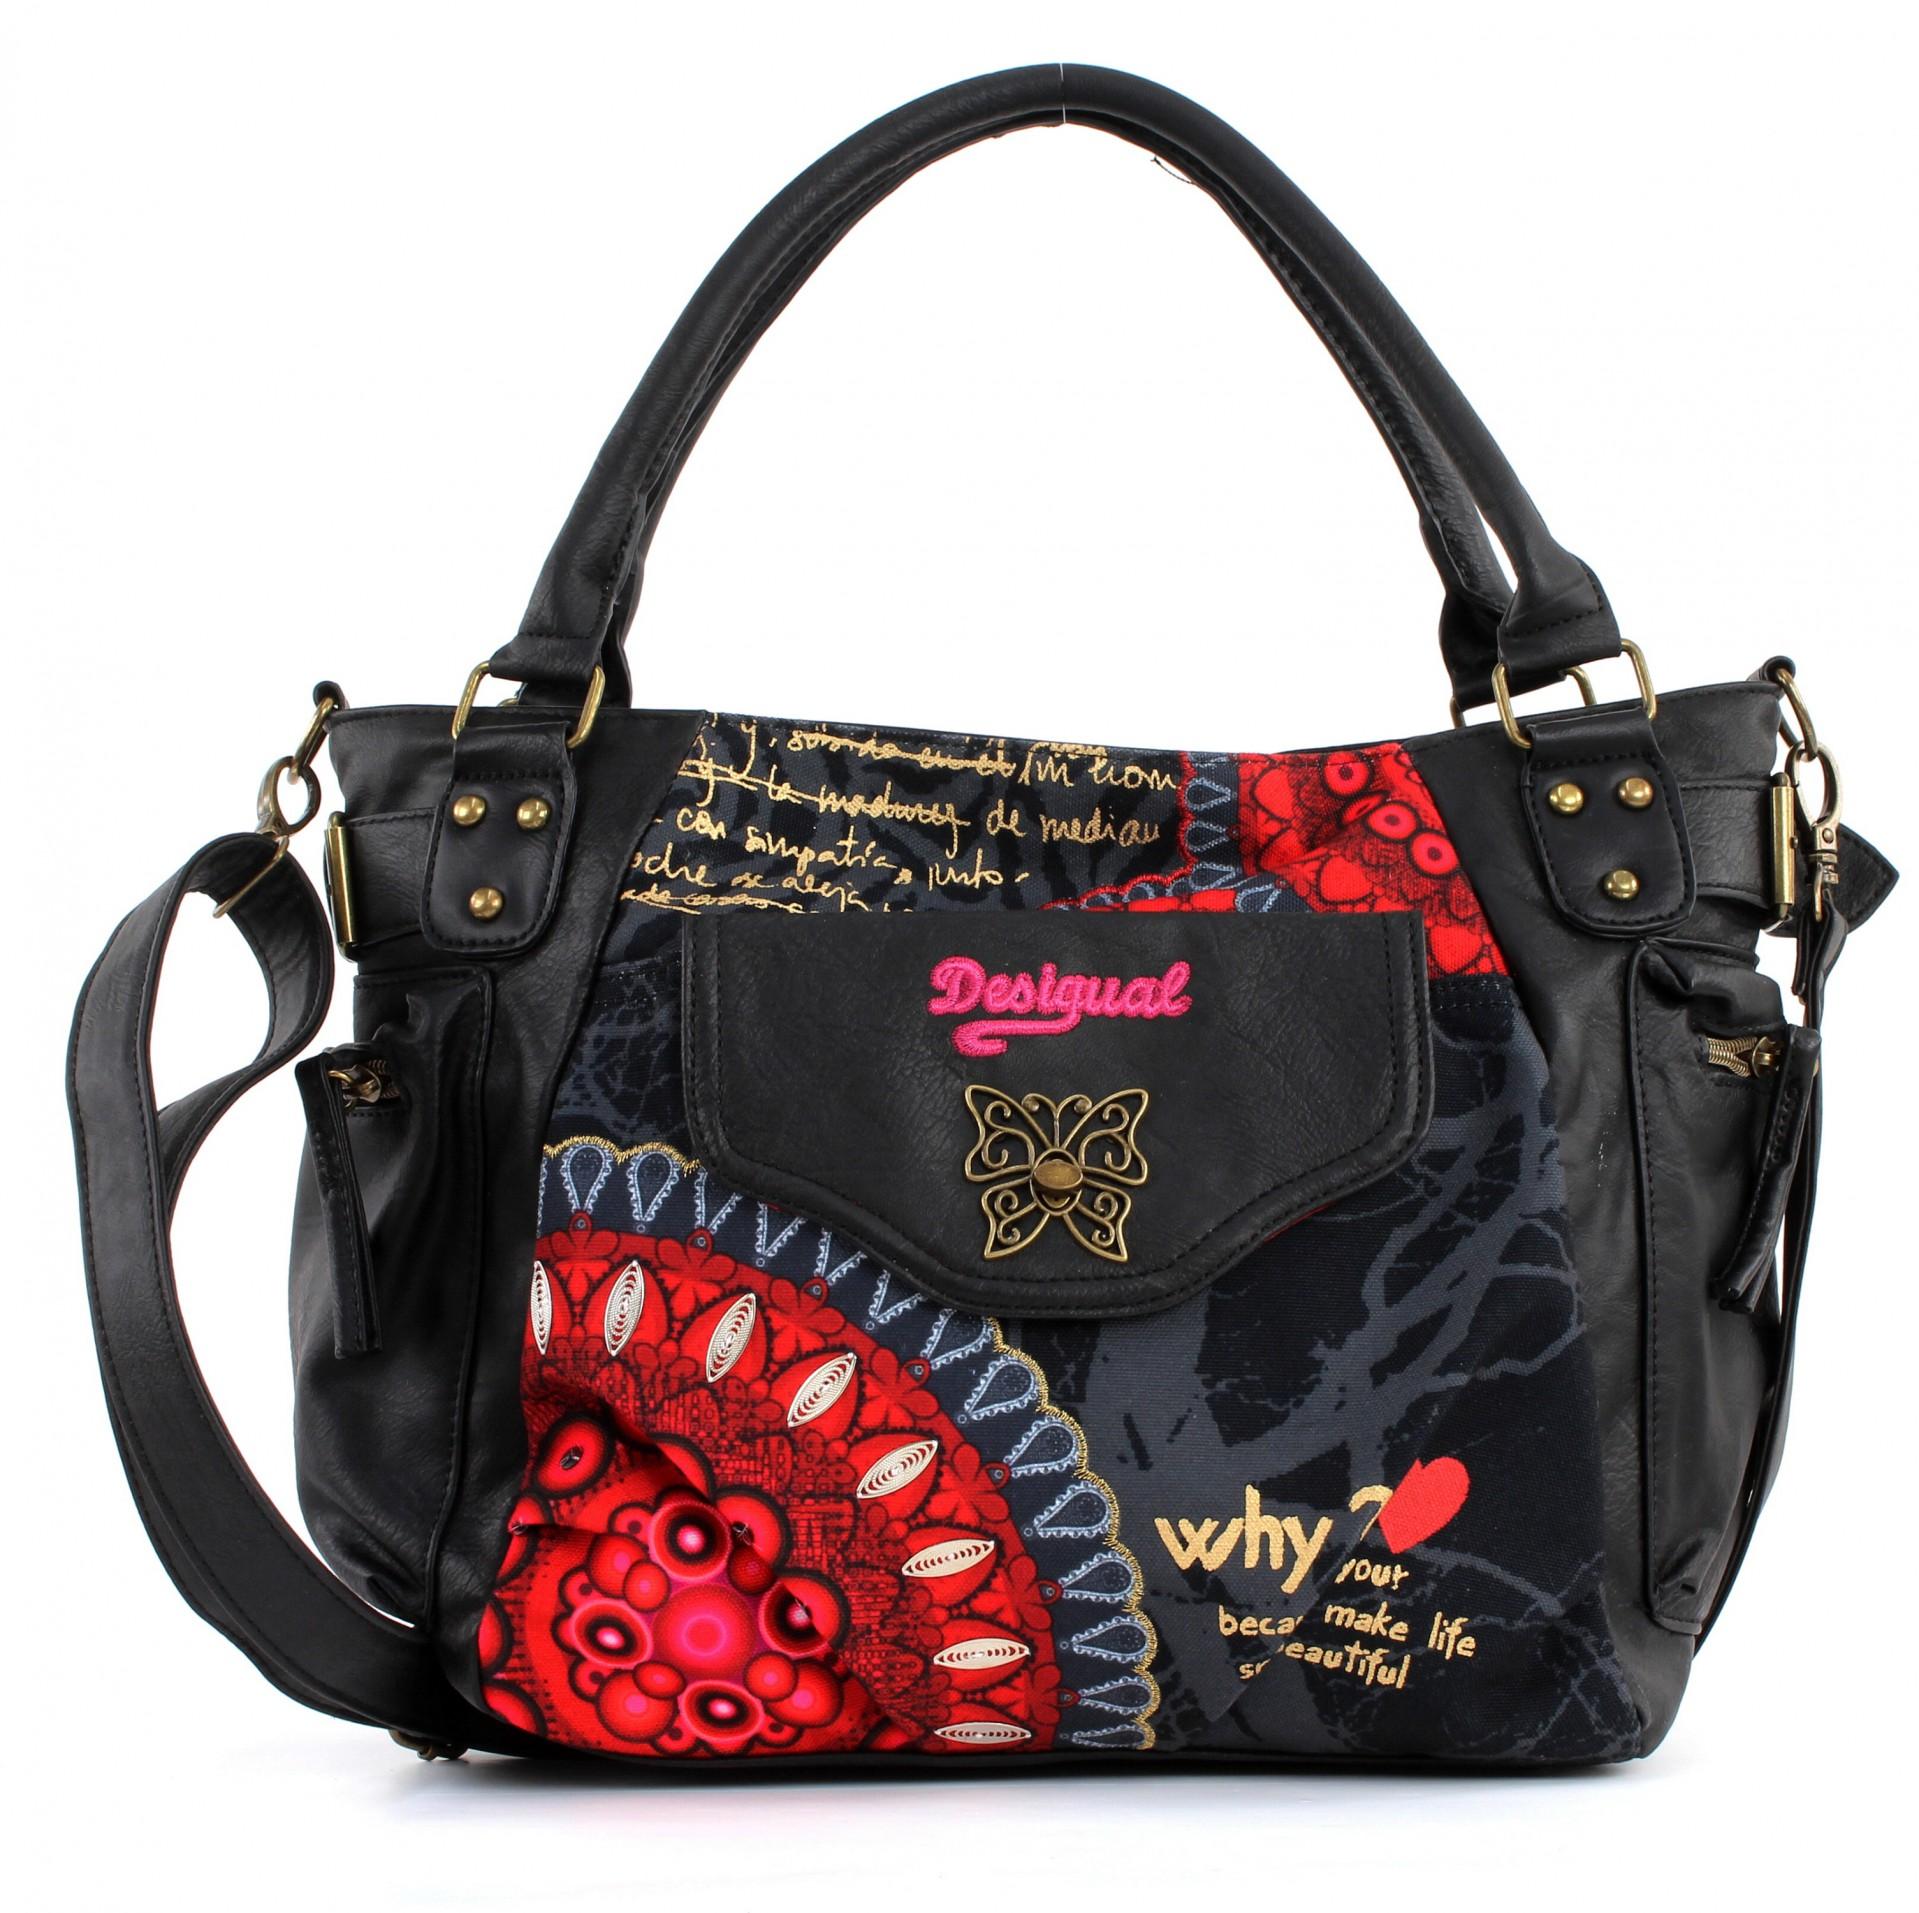 desigual bols mcbee bolas rojas tasche schultertasche handtasche schwarz neu ebay. Black Bedroom Furniture Sets. Home Design Ideas